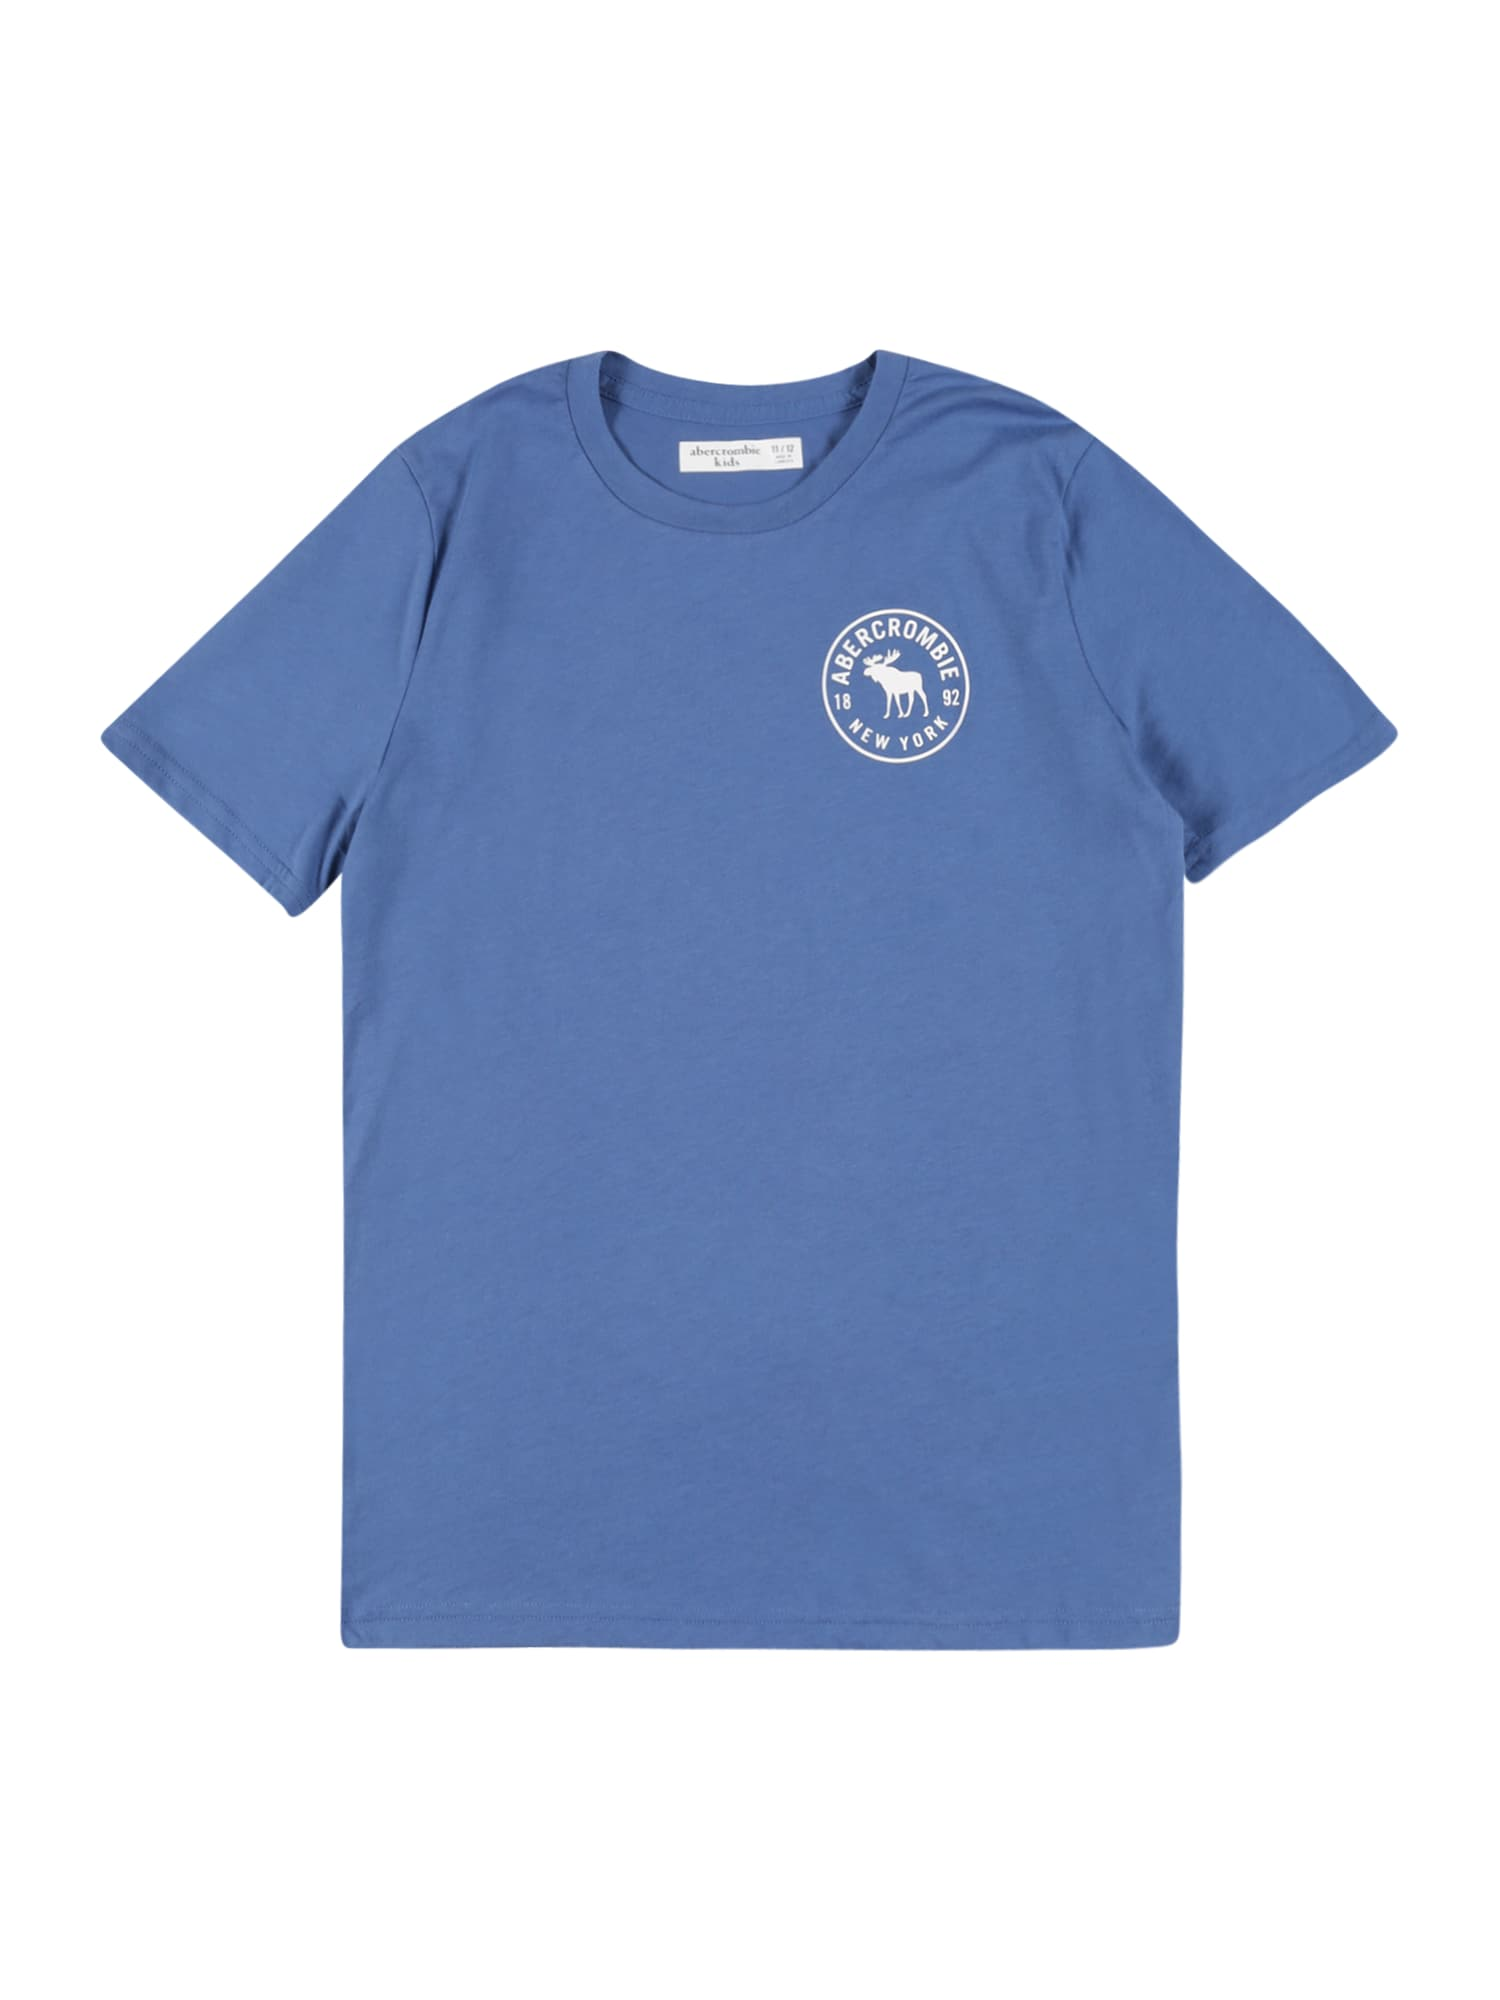 Abercrombie & Fitch Marškinėliai mėlyna dūmų spalva / balta / juoda / pastelinė geltona / melionų spalva